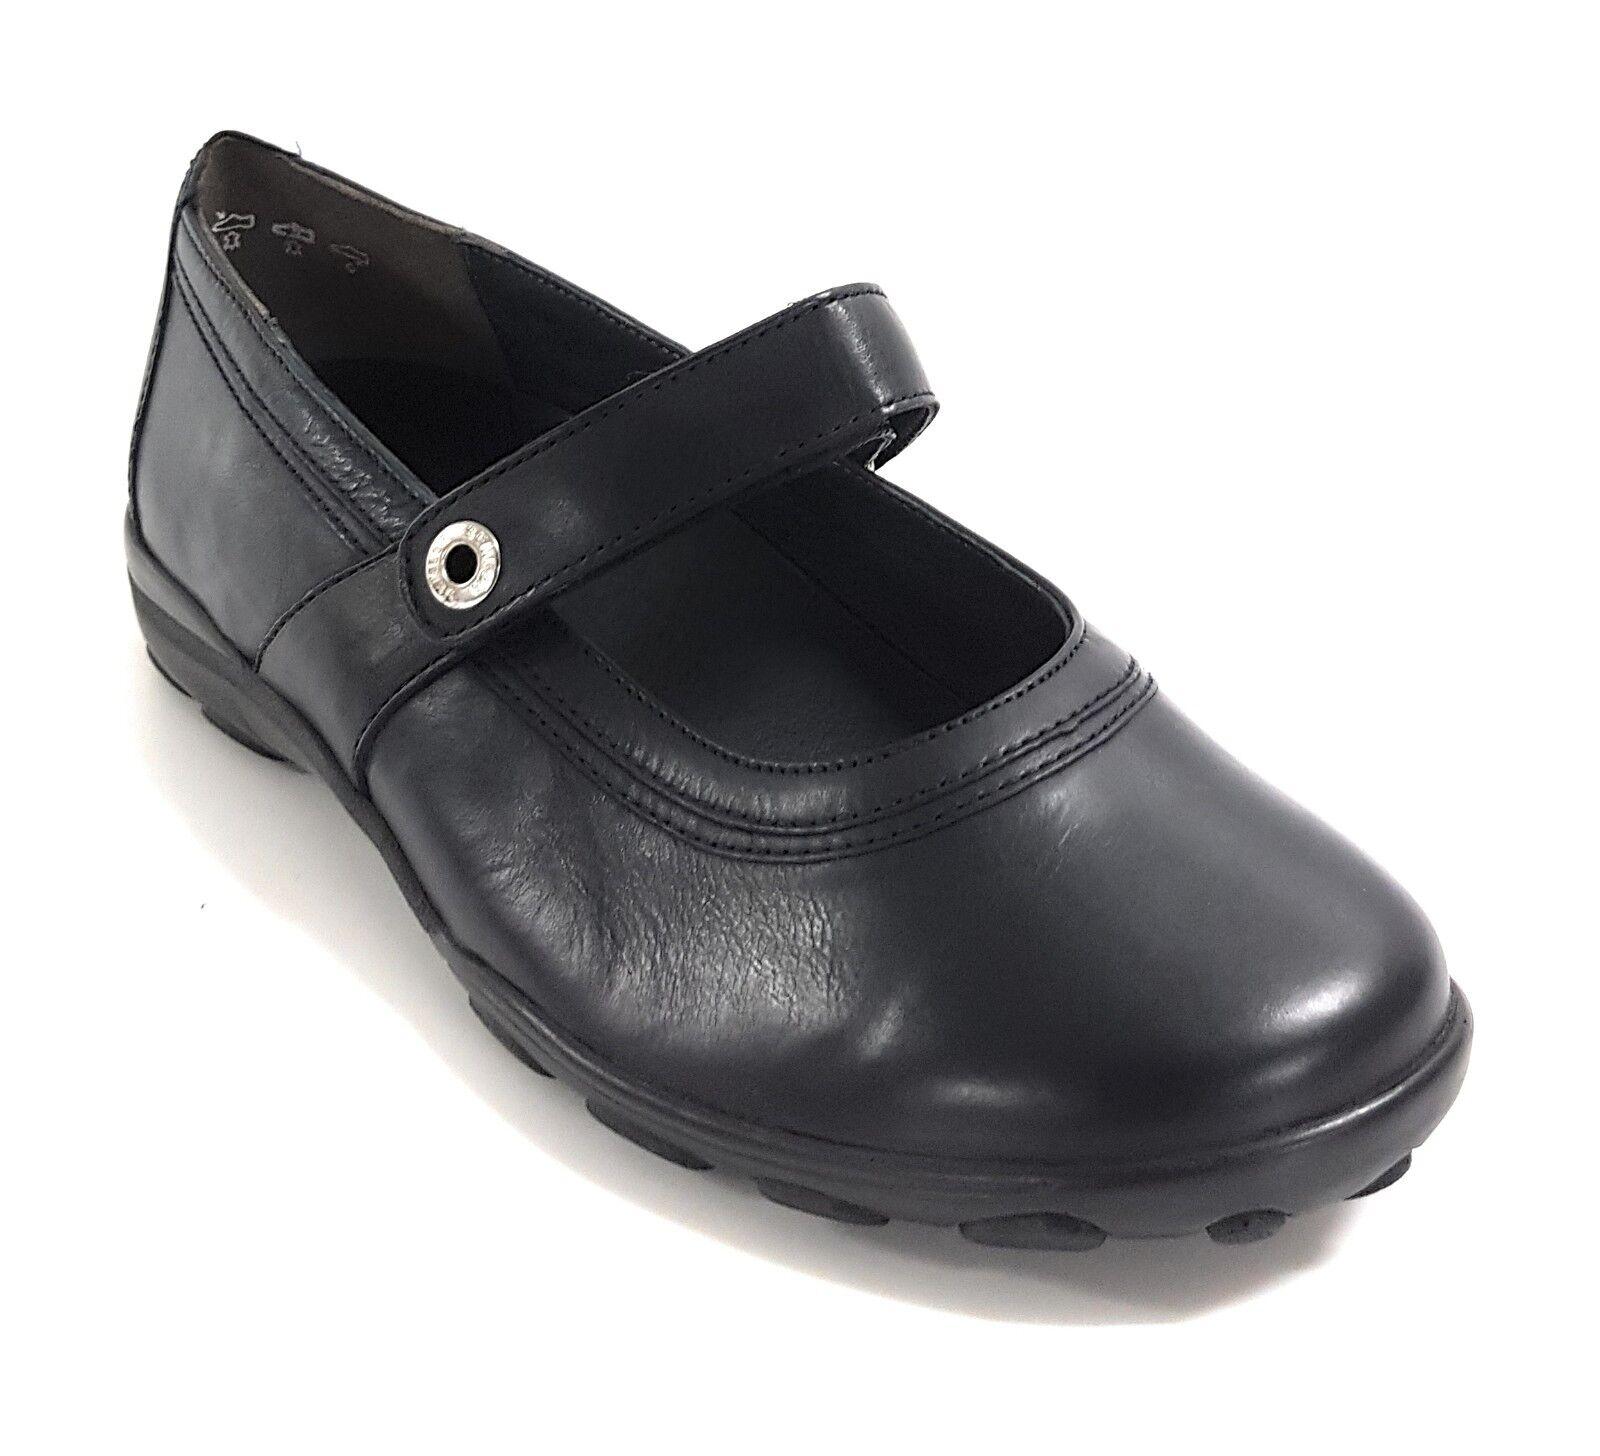 Casual salvaje Descuento por tiempo limitado Semler Katja Damen Schuhe Pumps Slipper Halbschuh Women Shoes Vario-Fussbett